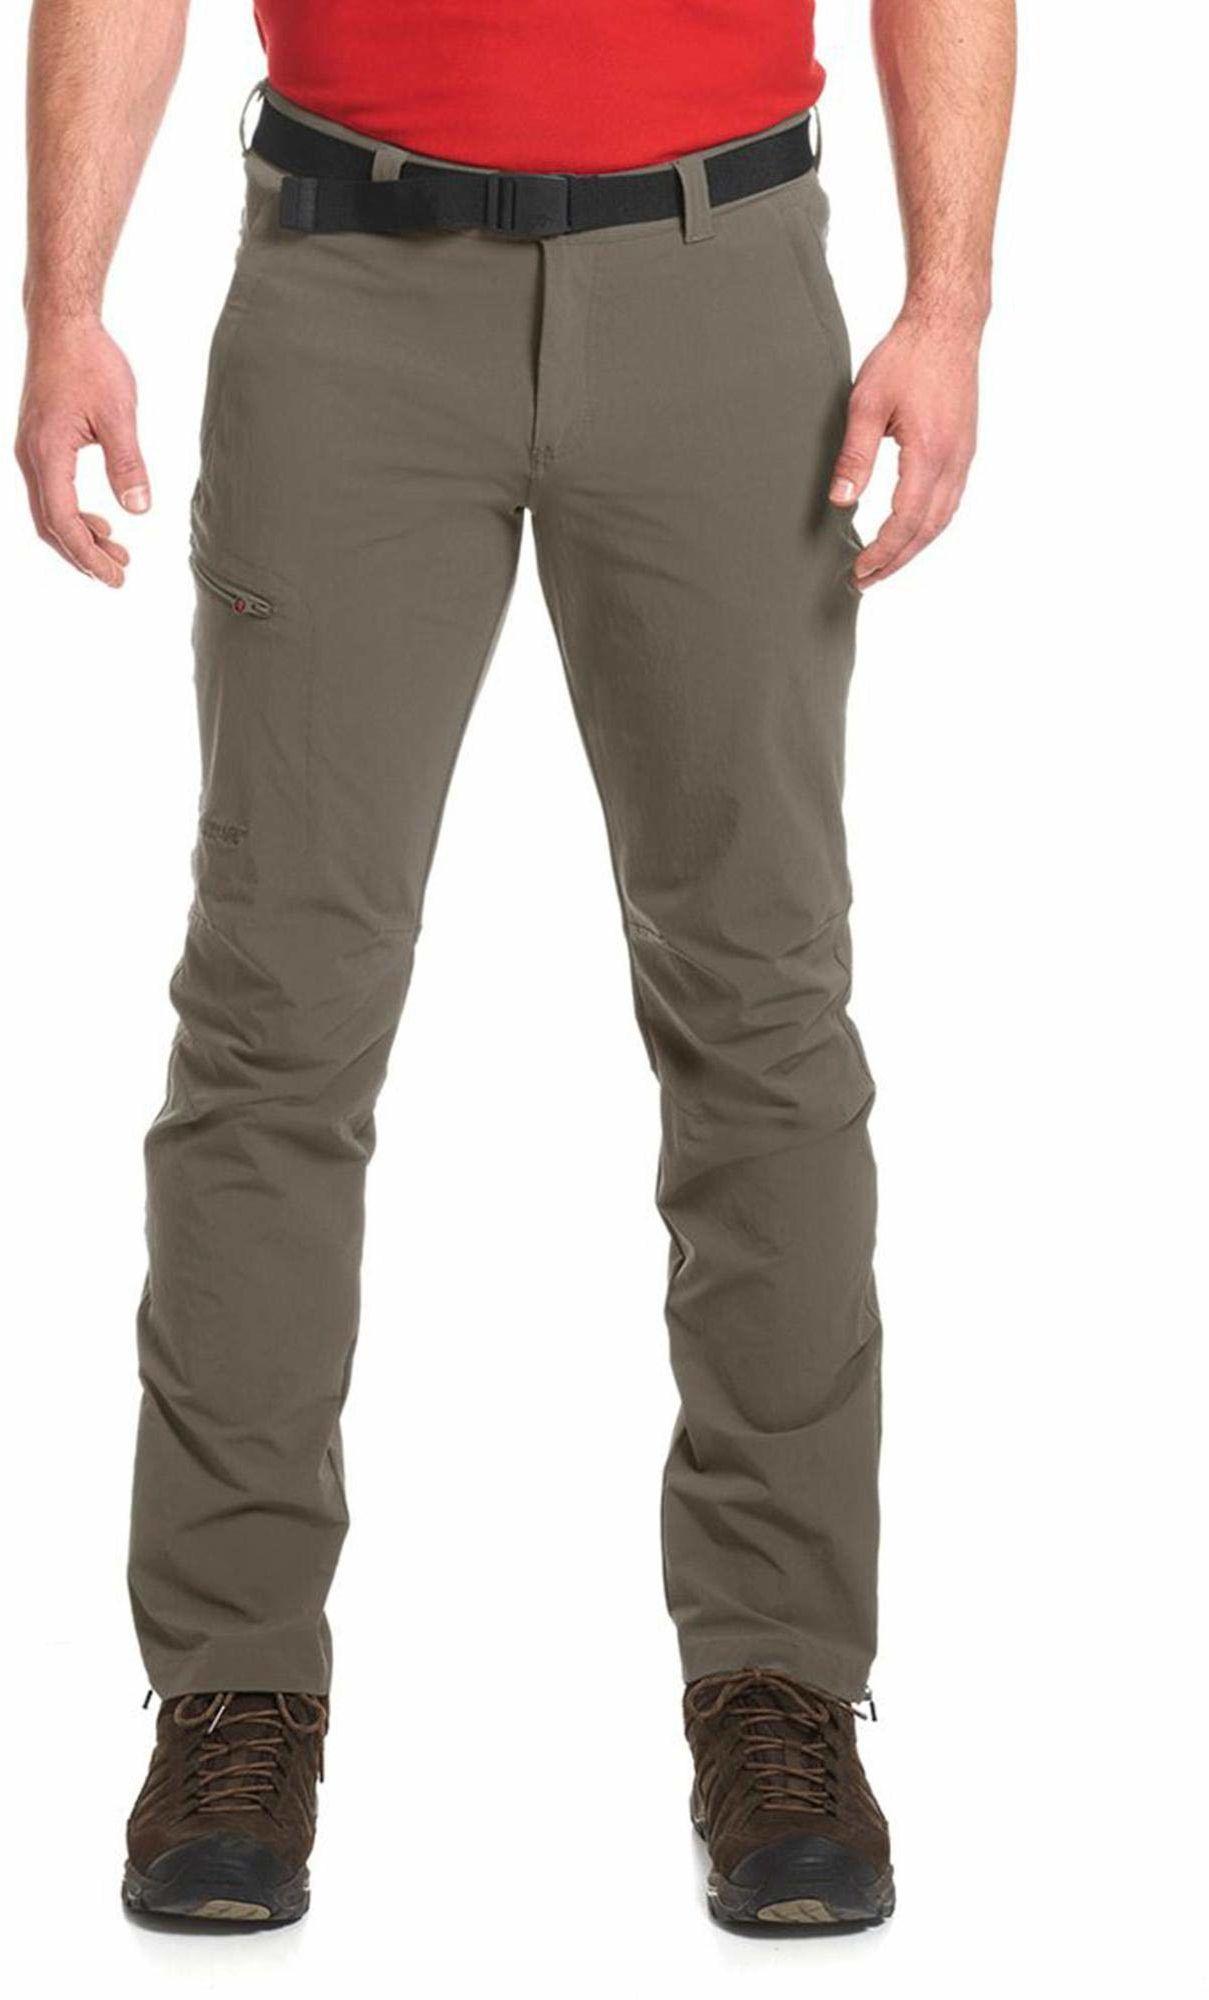 Maier Sports Męskie spodnie trekkingowe Torid Slim oliwkowo-zielony Oliwkowa zieleń (teak/780) 24